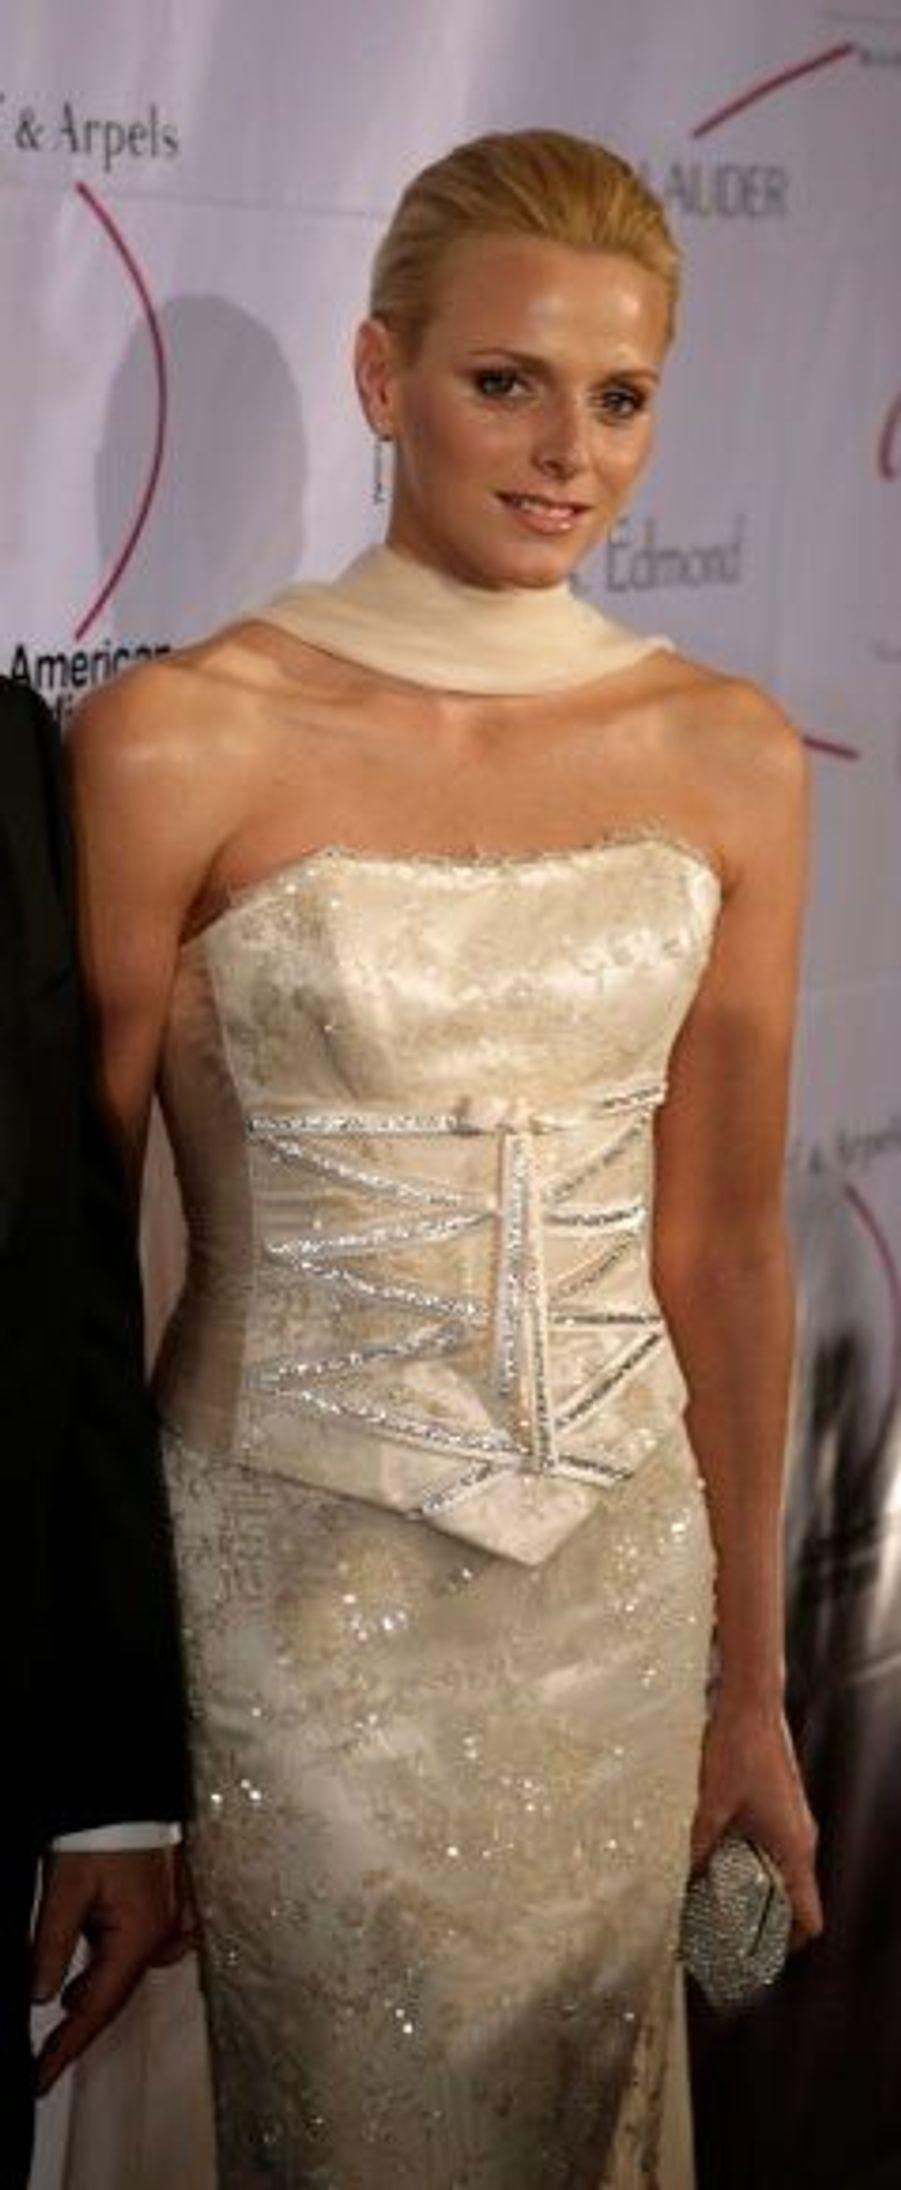 Au 25ème gala de la Fondation Grace Kelly à New York en octobre 2007. Charlene Wittstock était vêtue d'une robe bustier crème, lacée sur le buste et brodée de sequins.